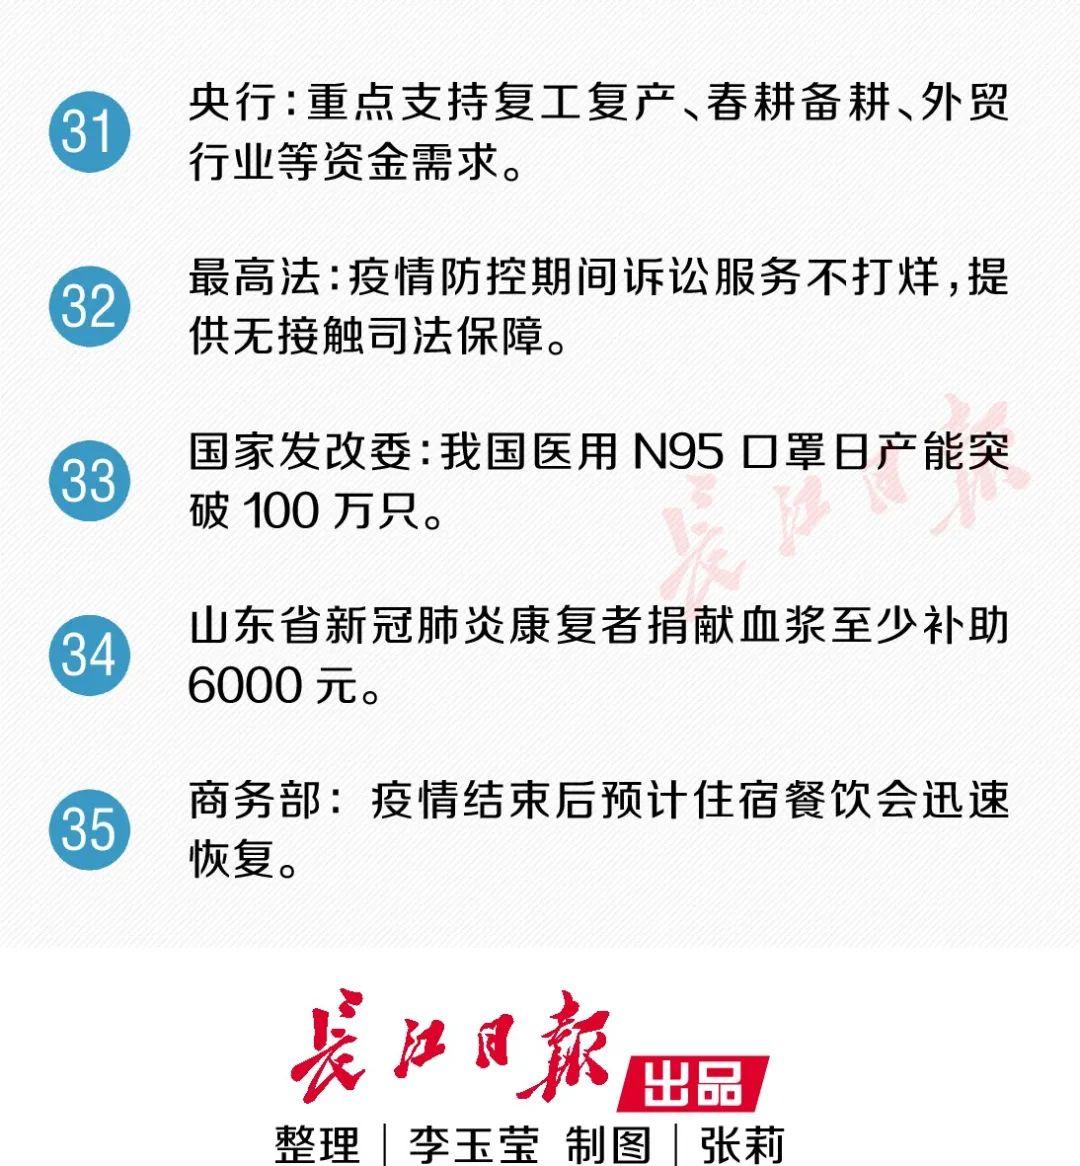 300台呼吸机运抵武汉!又传来35个好消息